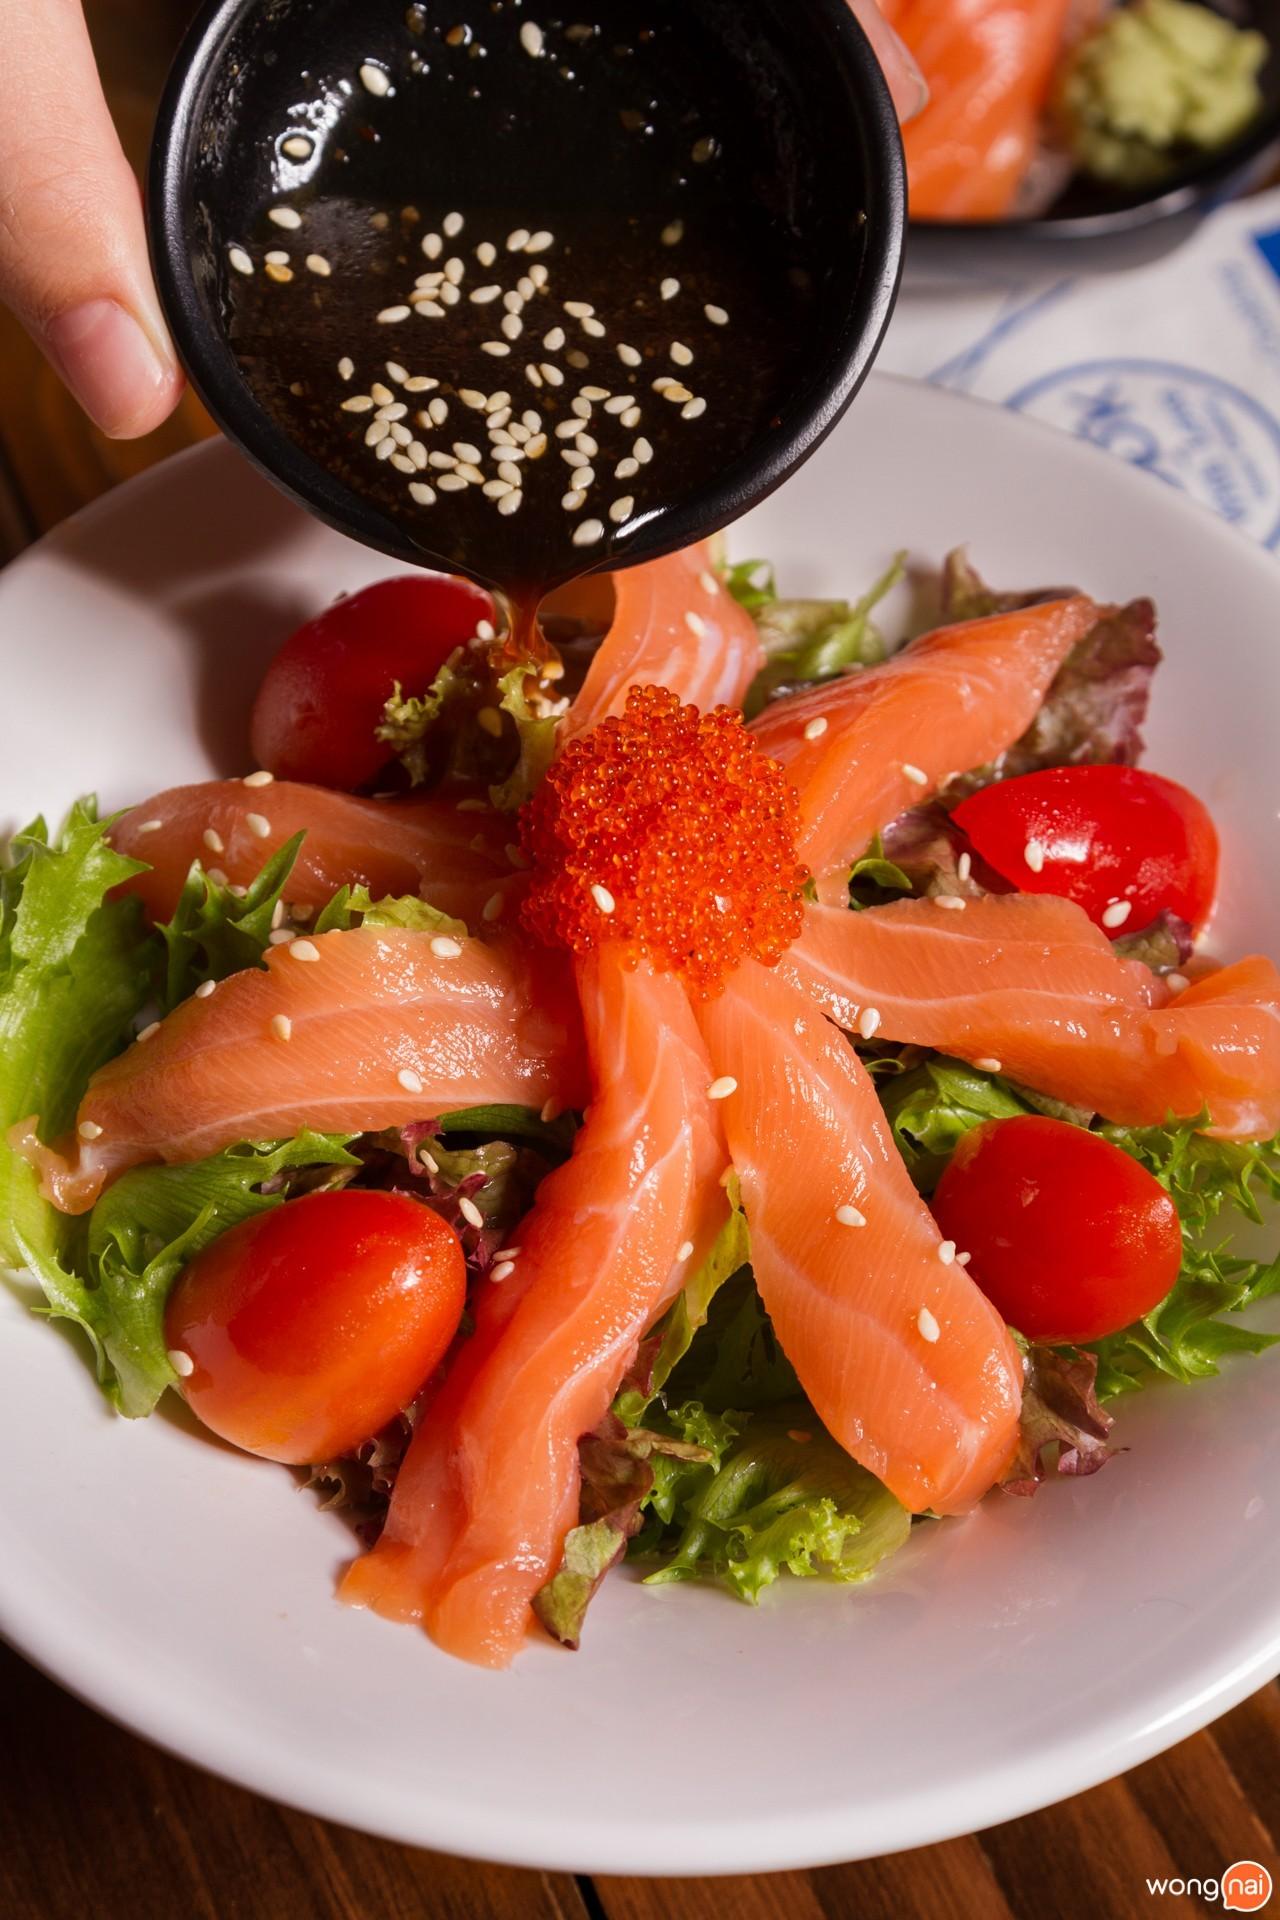 เมนู Salmon Salad ร้าน Kita Yakitori & Grilled Seafood เชียงใหม่